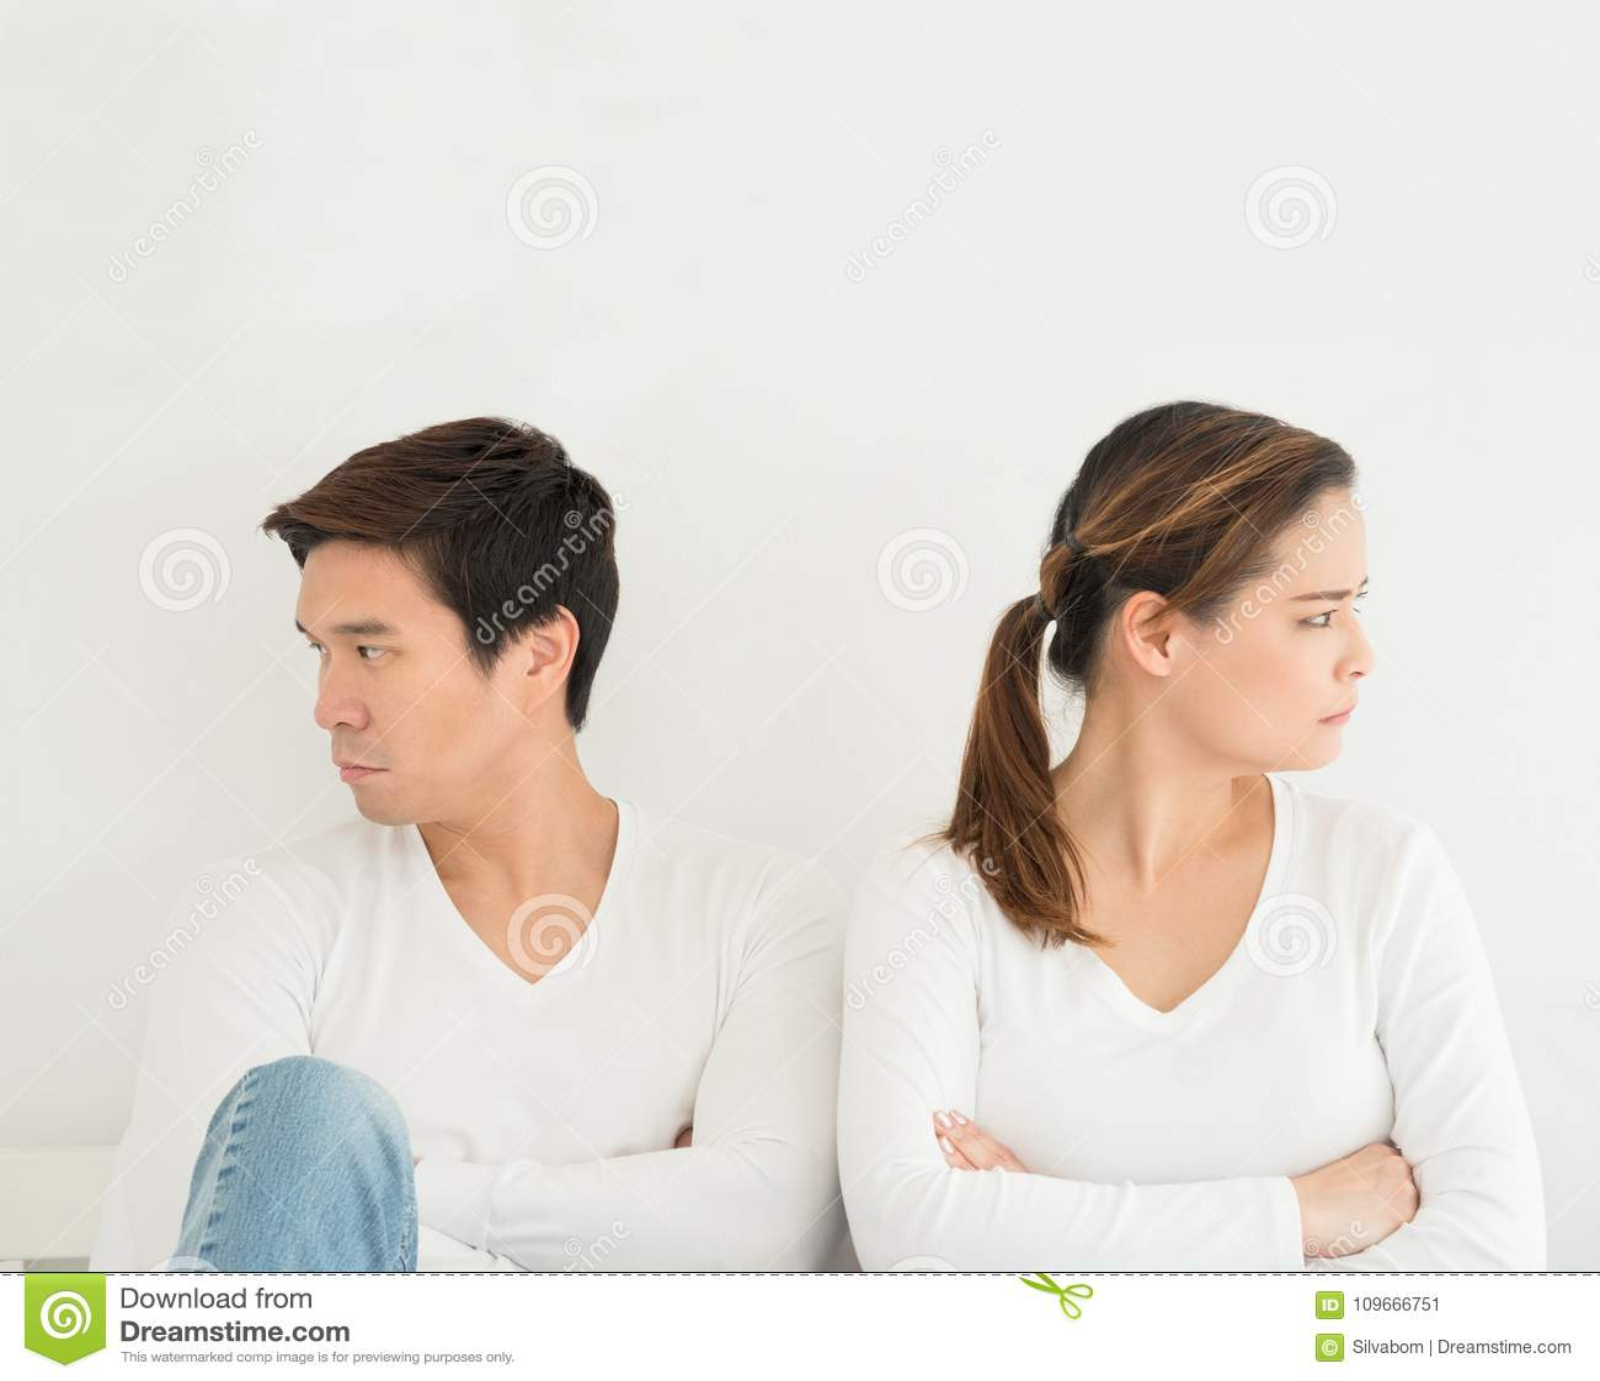 Noir couple cocu